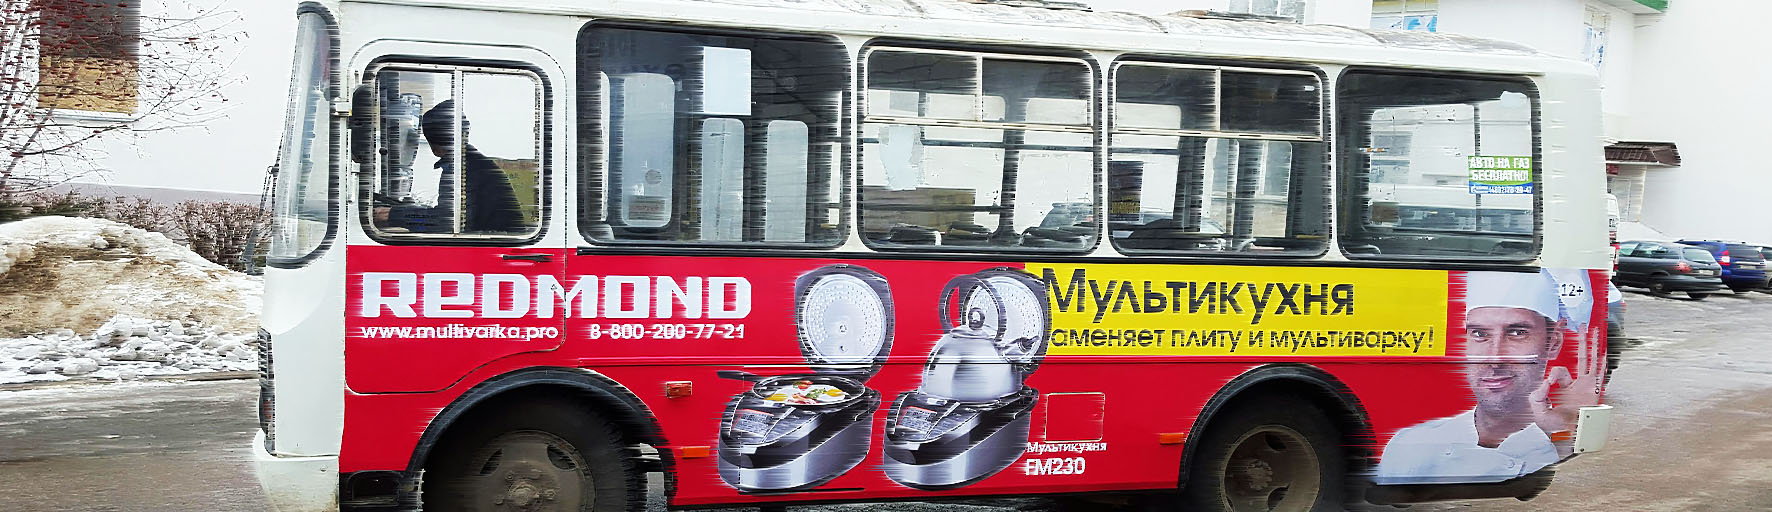 Реклама на транспорте в Ингушетии Назрань